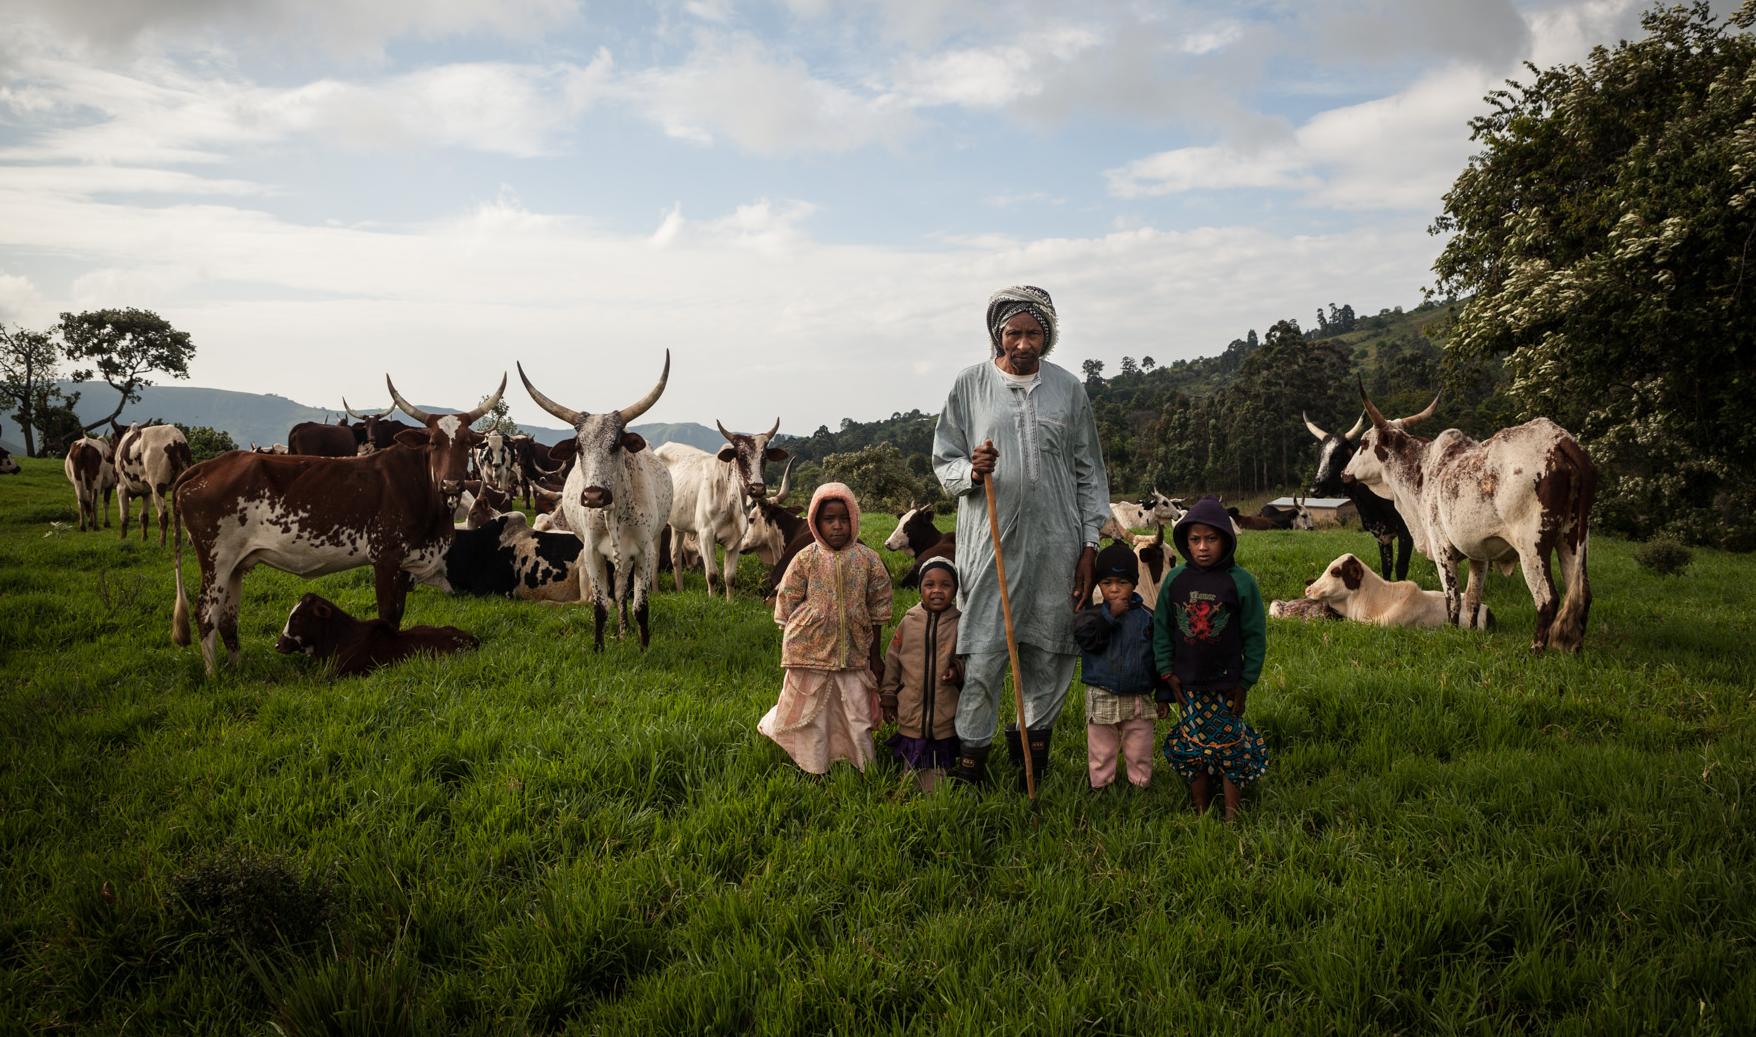 Ceux qui sèment – Notre documentaire sur les agricultures familiales